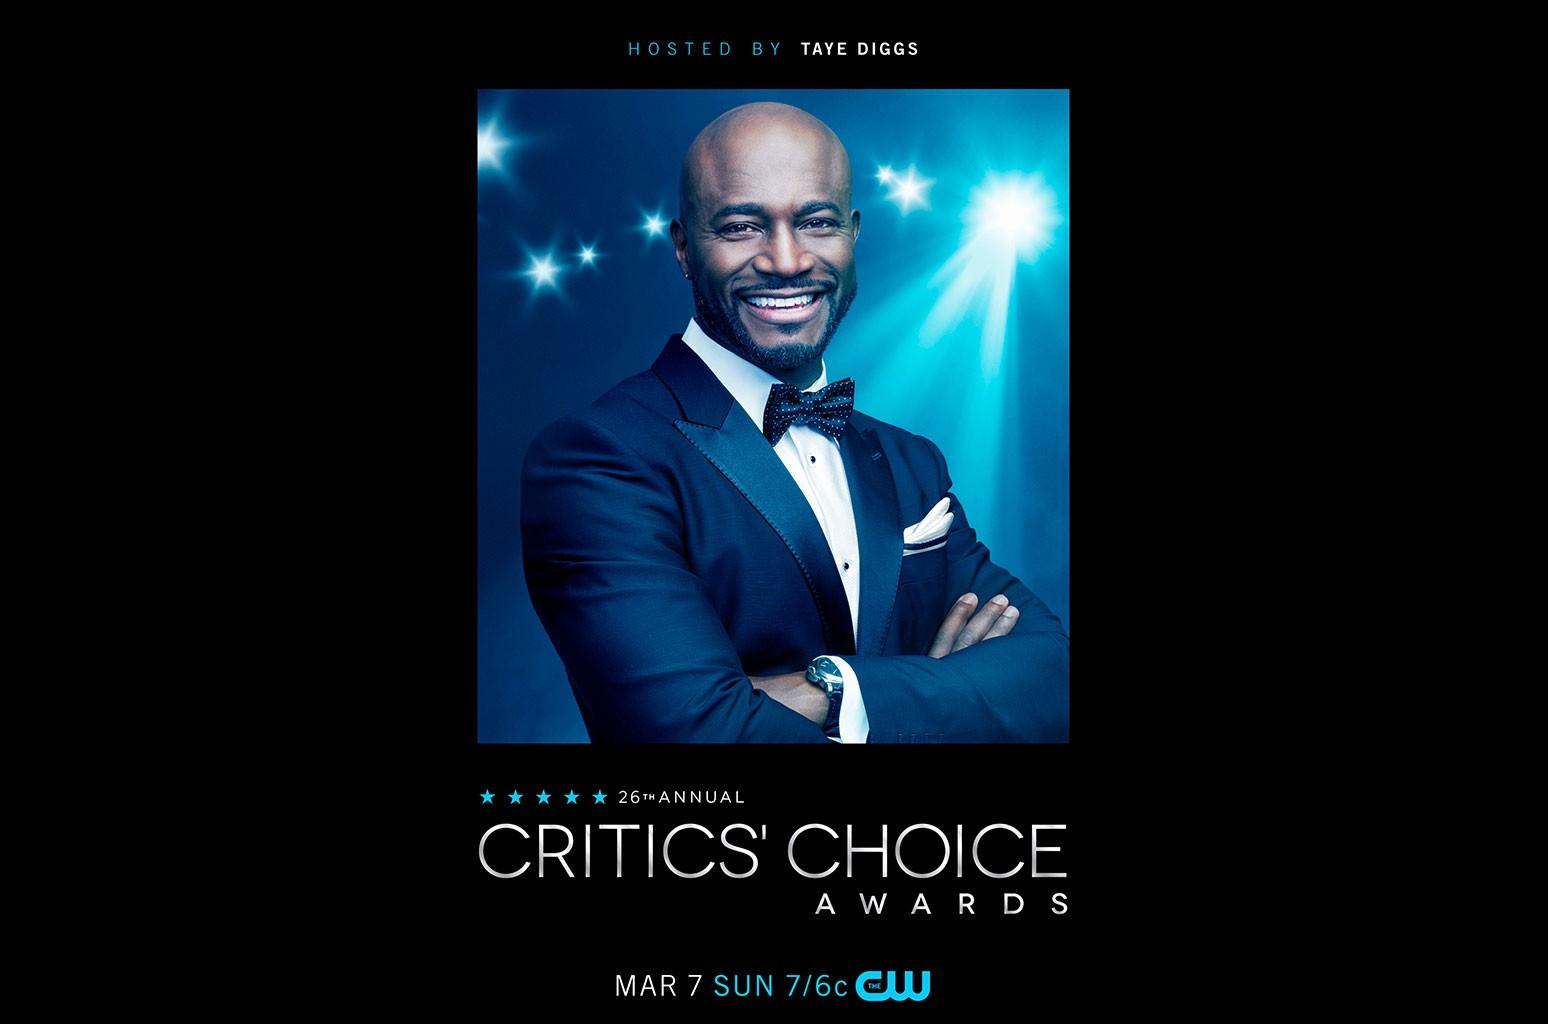 Как посмотреть церемонию вручения награды Critics Choice Awards 2021 года